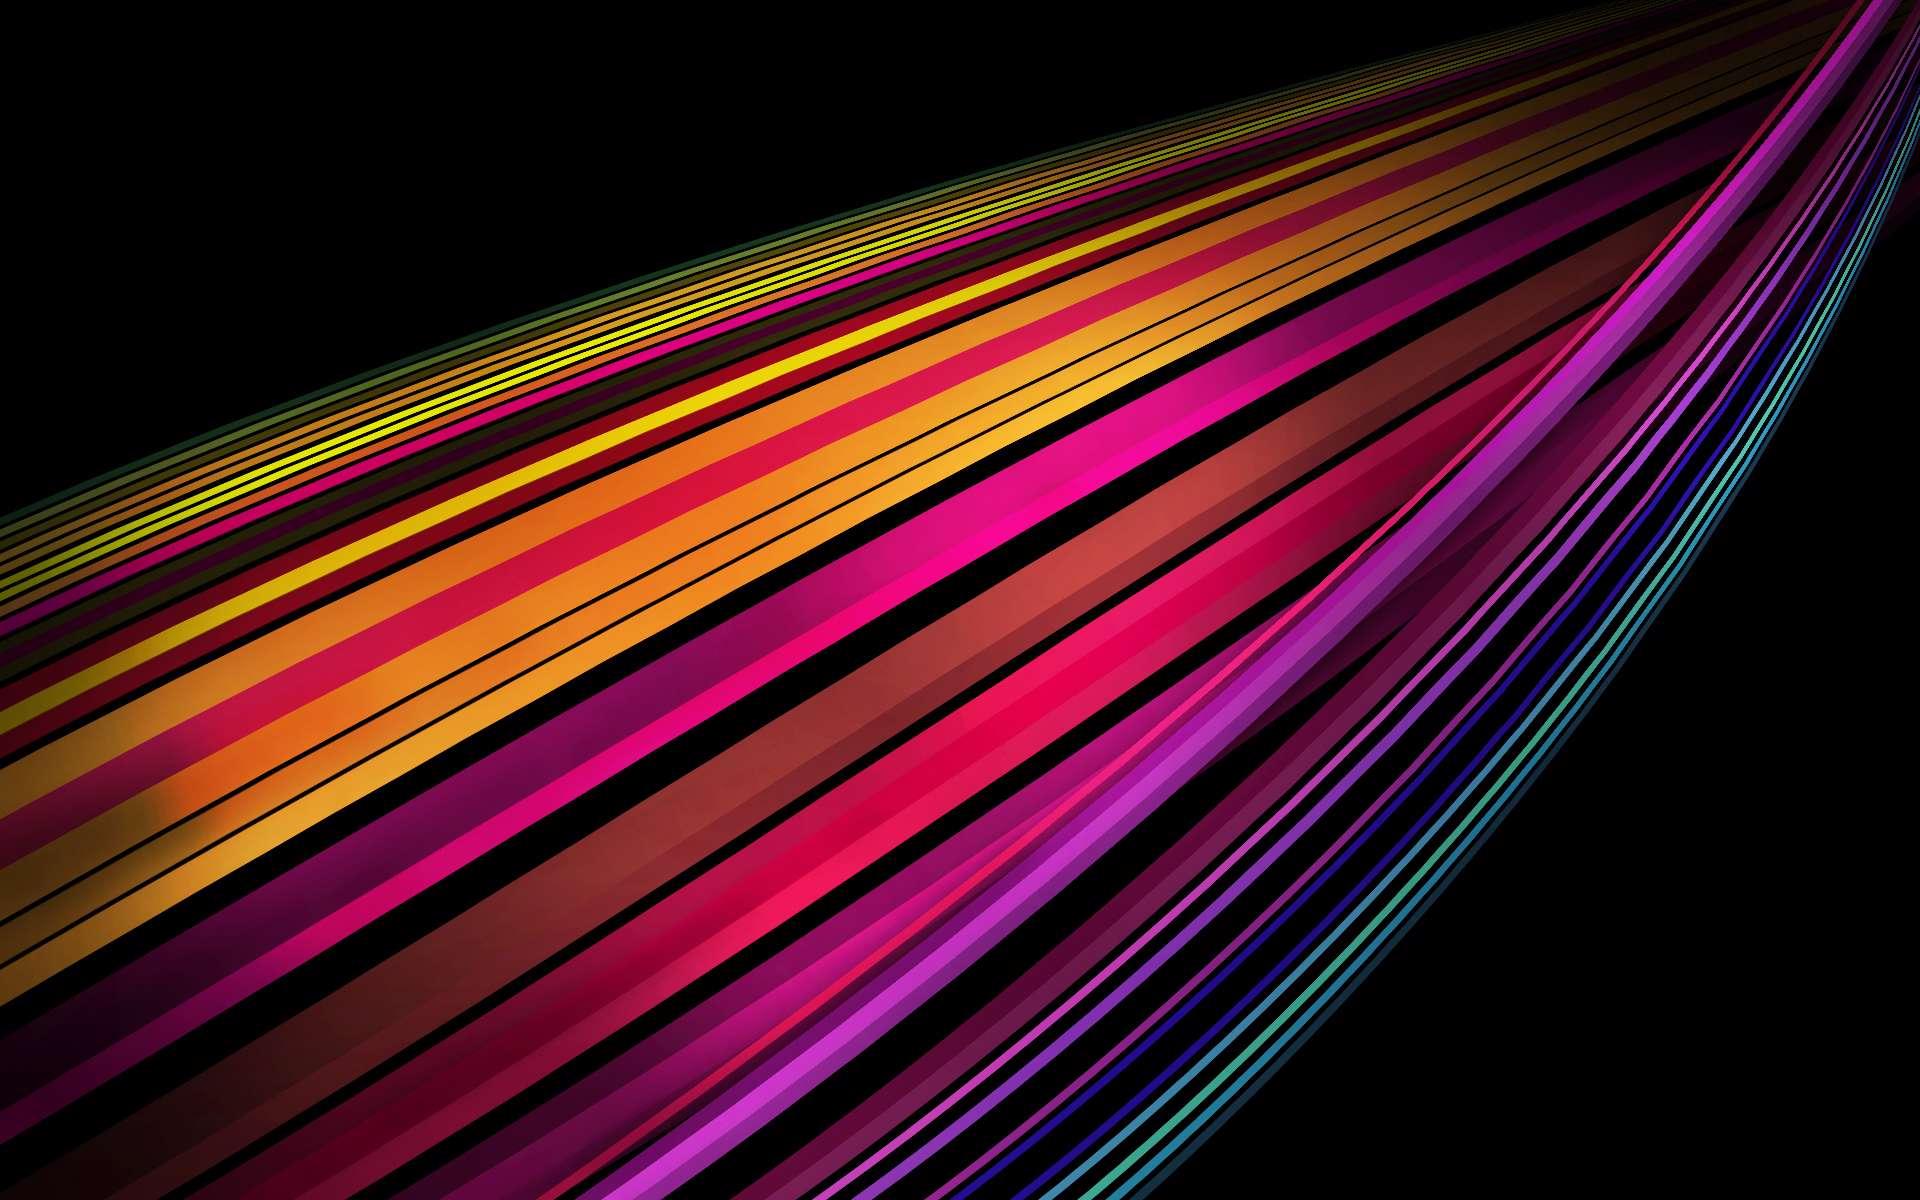 آموزش پس زمینه انتزاعی رنگی در فوتوشاپ